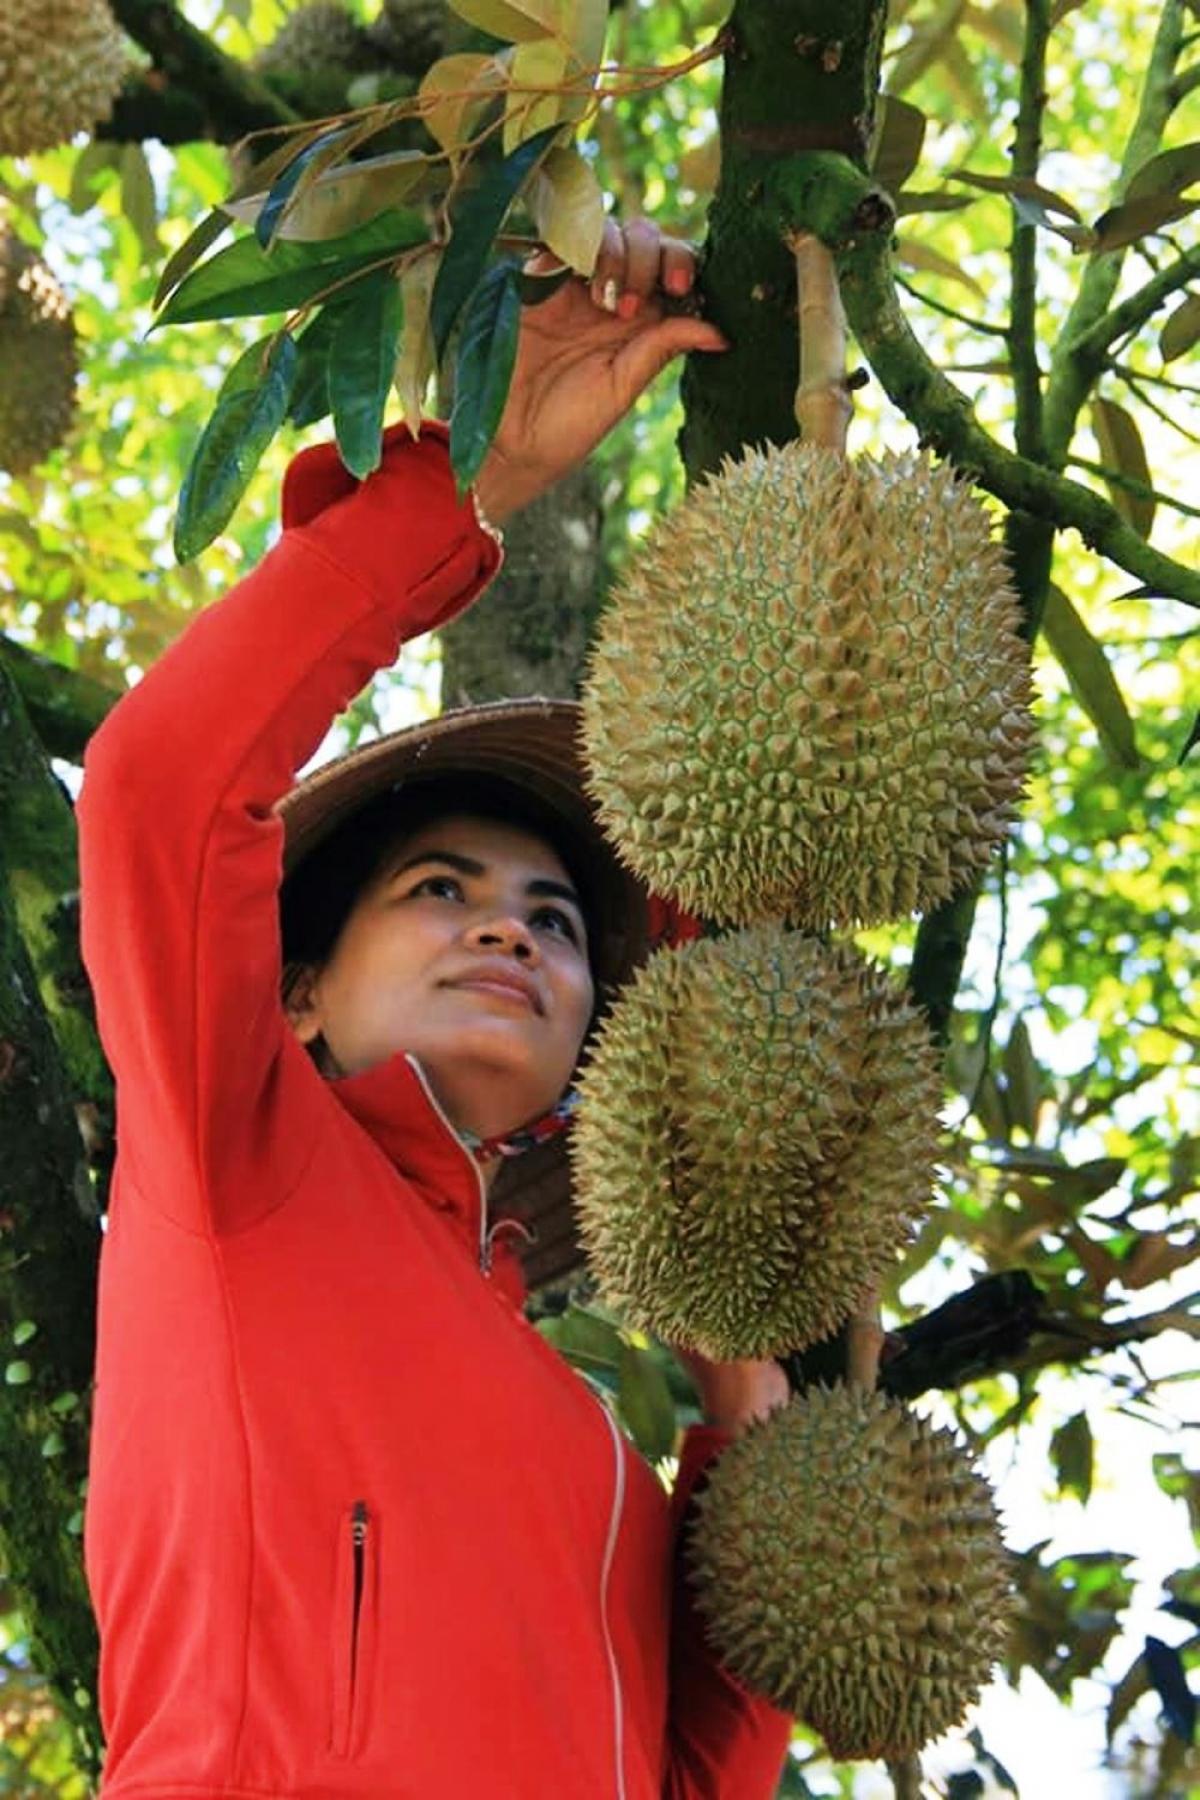 Sầu riêng cây trồng chủ lực được quan tâm đầu tư để nâng cao thu nhập cho người dân huyện Khánh Sơn.